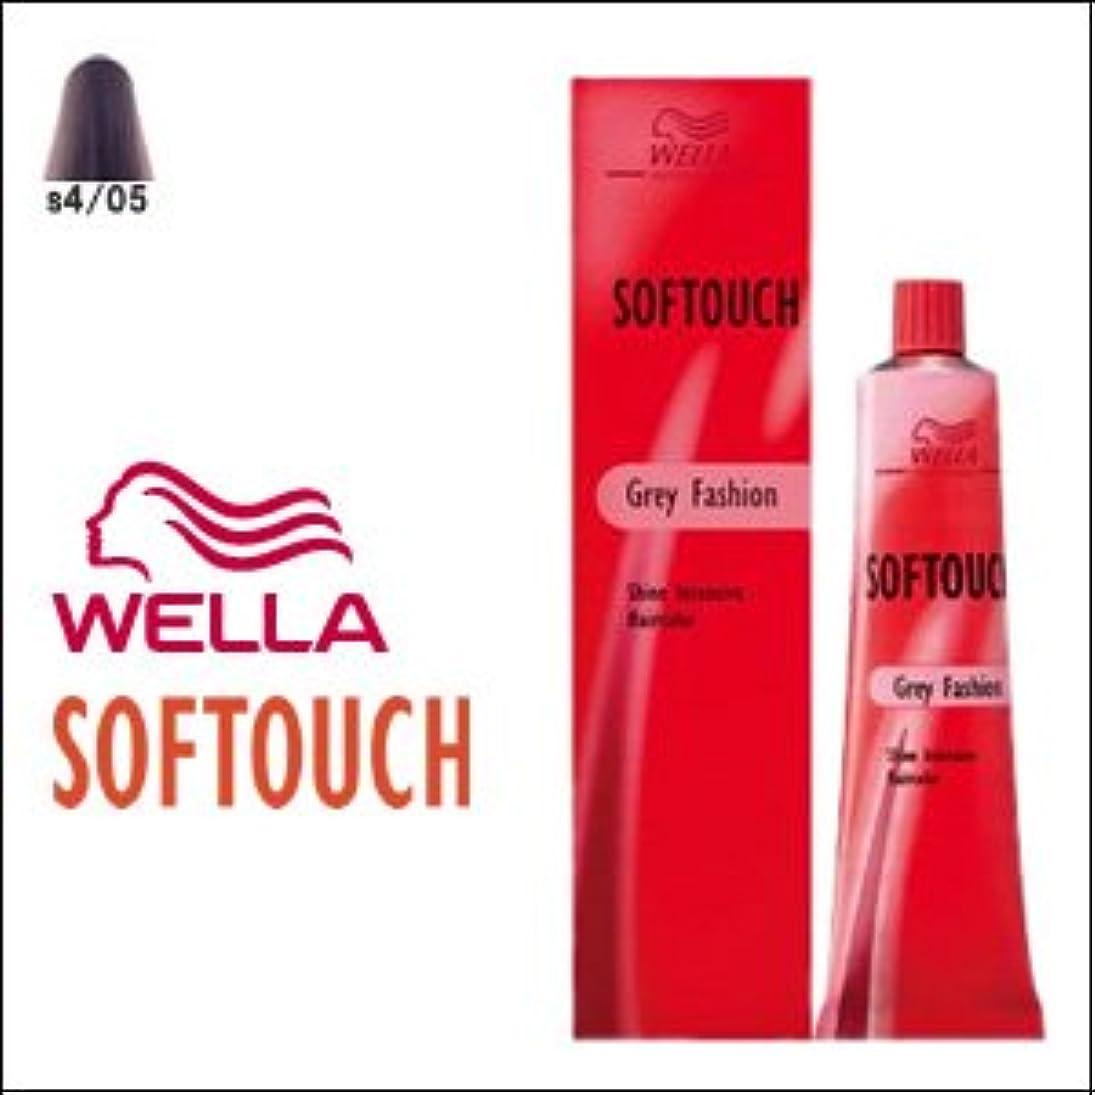 項目期限静めるウエラ ヘアカラー ソフタッチ S4/05 60g